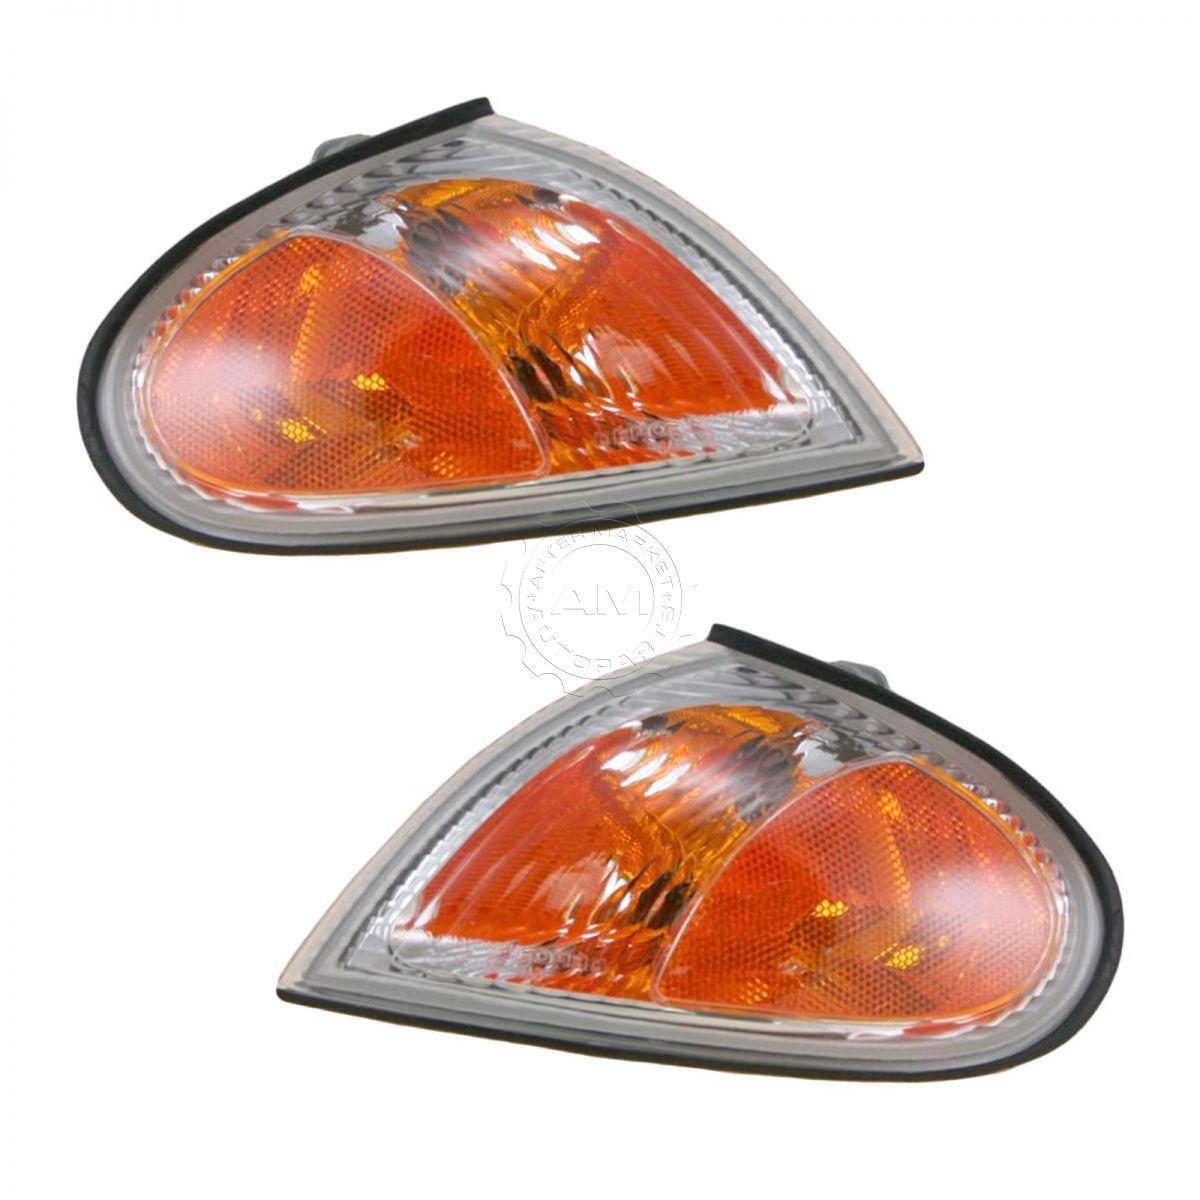 美しい コーナーライト Side Corner Parking Light Lamp Pair Set of 2 for 99-00 Hyundai Elantra 99-00 Hyundai Elantraのためのサイドコーナーパーキングライトランプペア2個セット, RESIST 4e0f09c0